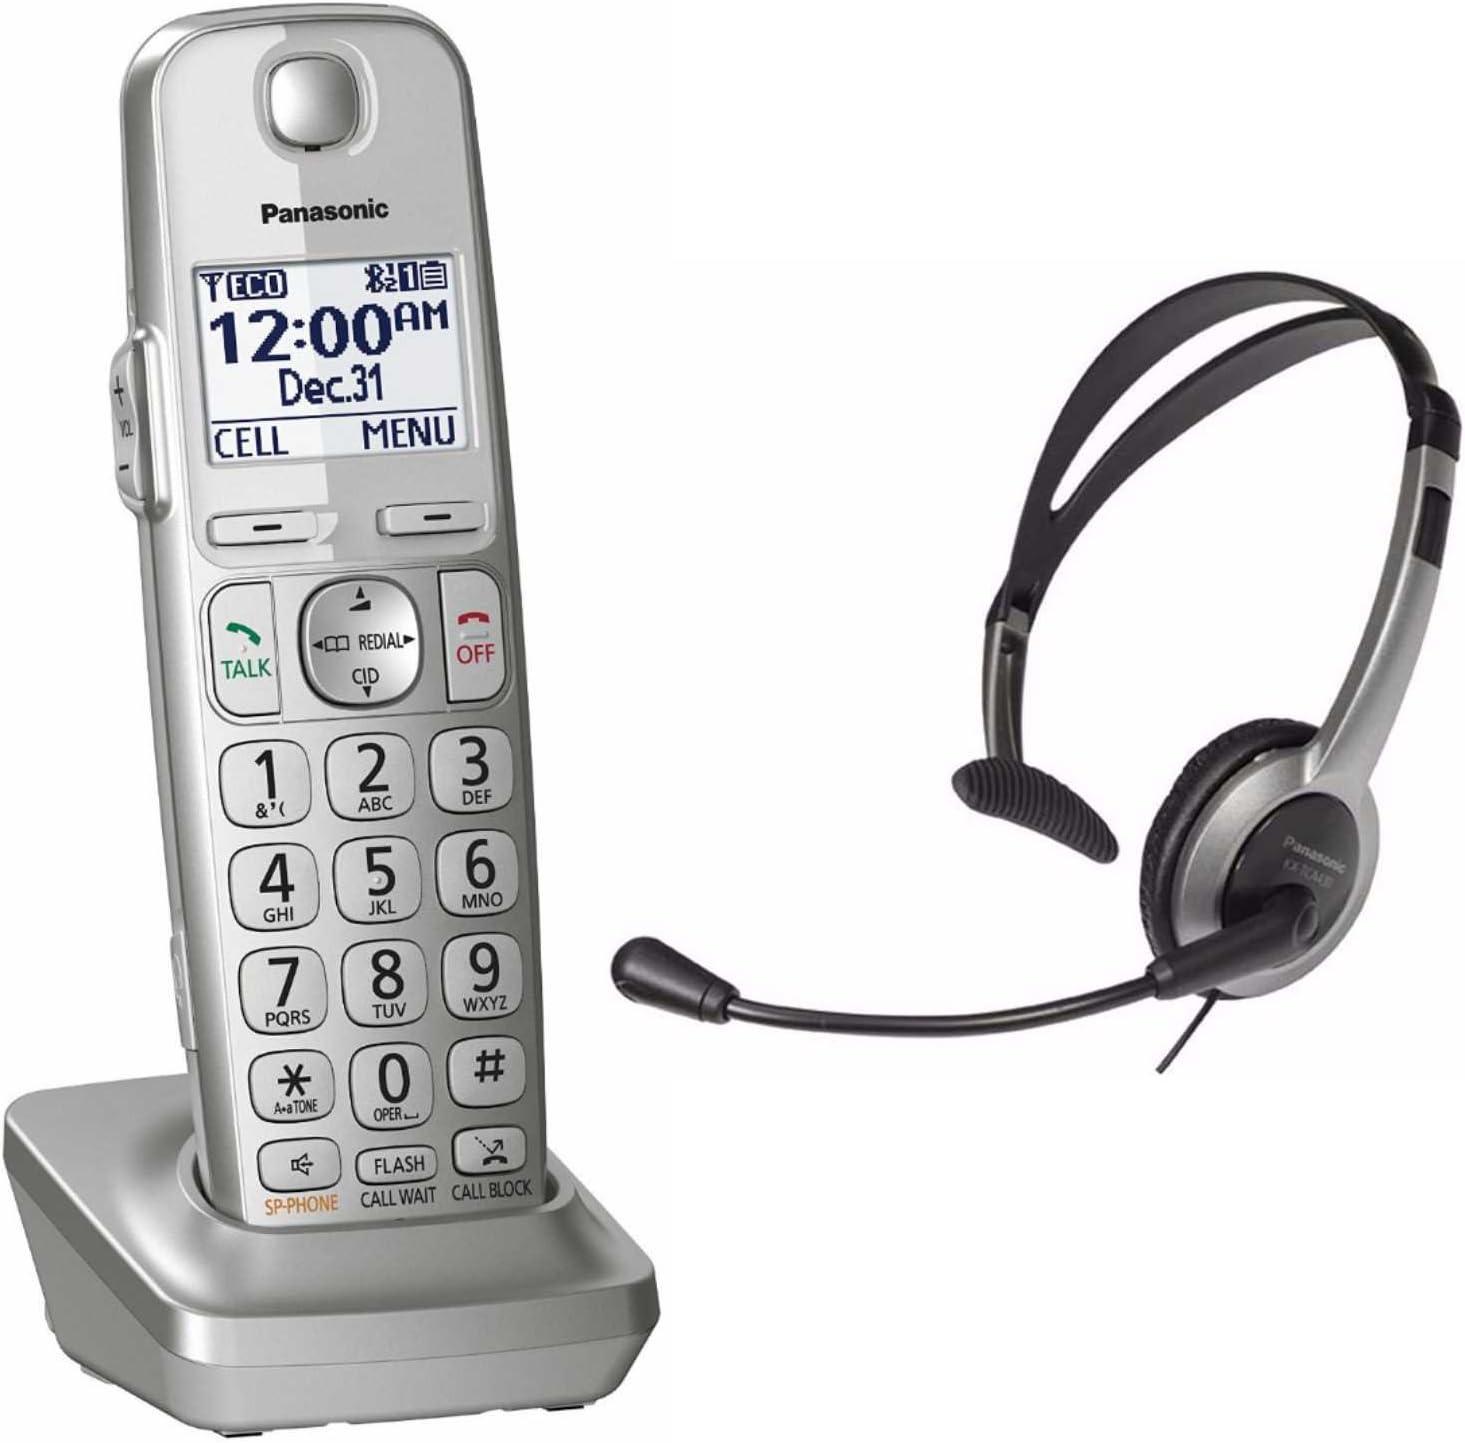 Panasonic kx-tgea40s DECT 6.0 Digital Cordless Handset adicional para kx-tge463s/kx-tge474s/kx-tge475s + P: Amazon.es: Electrónica